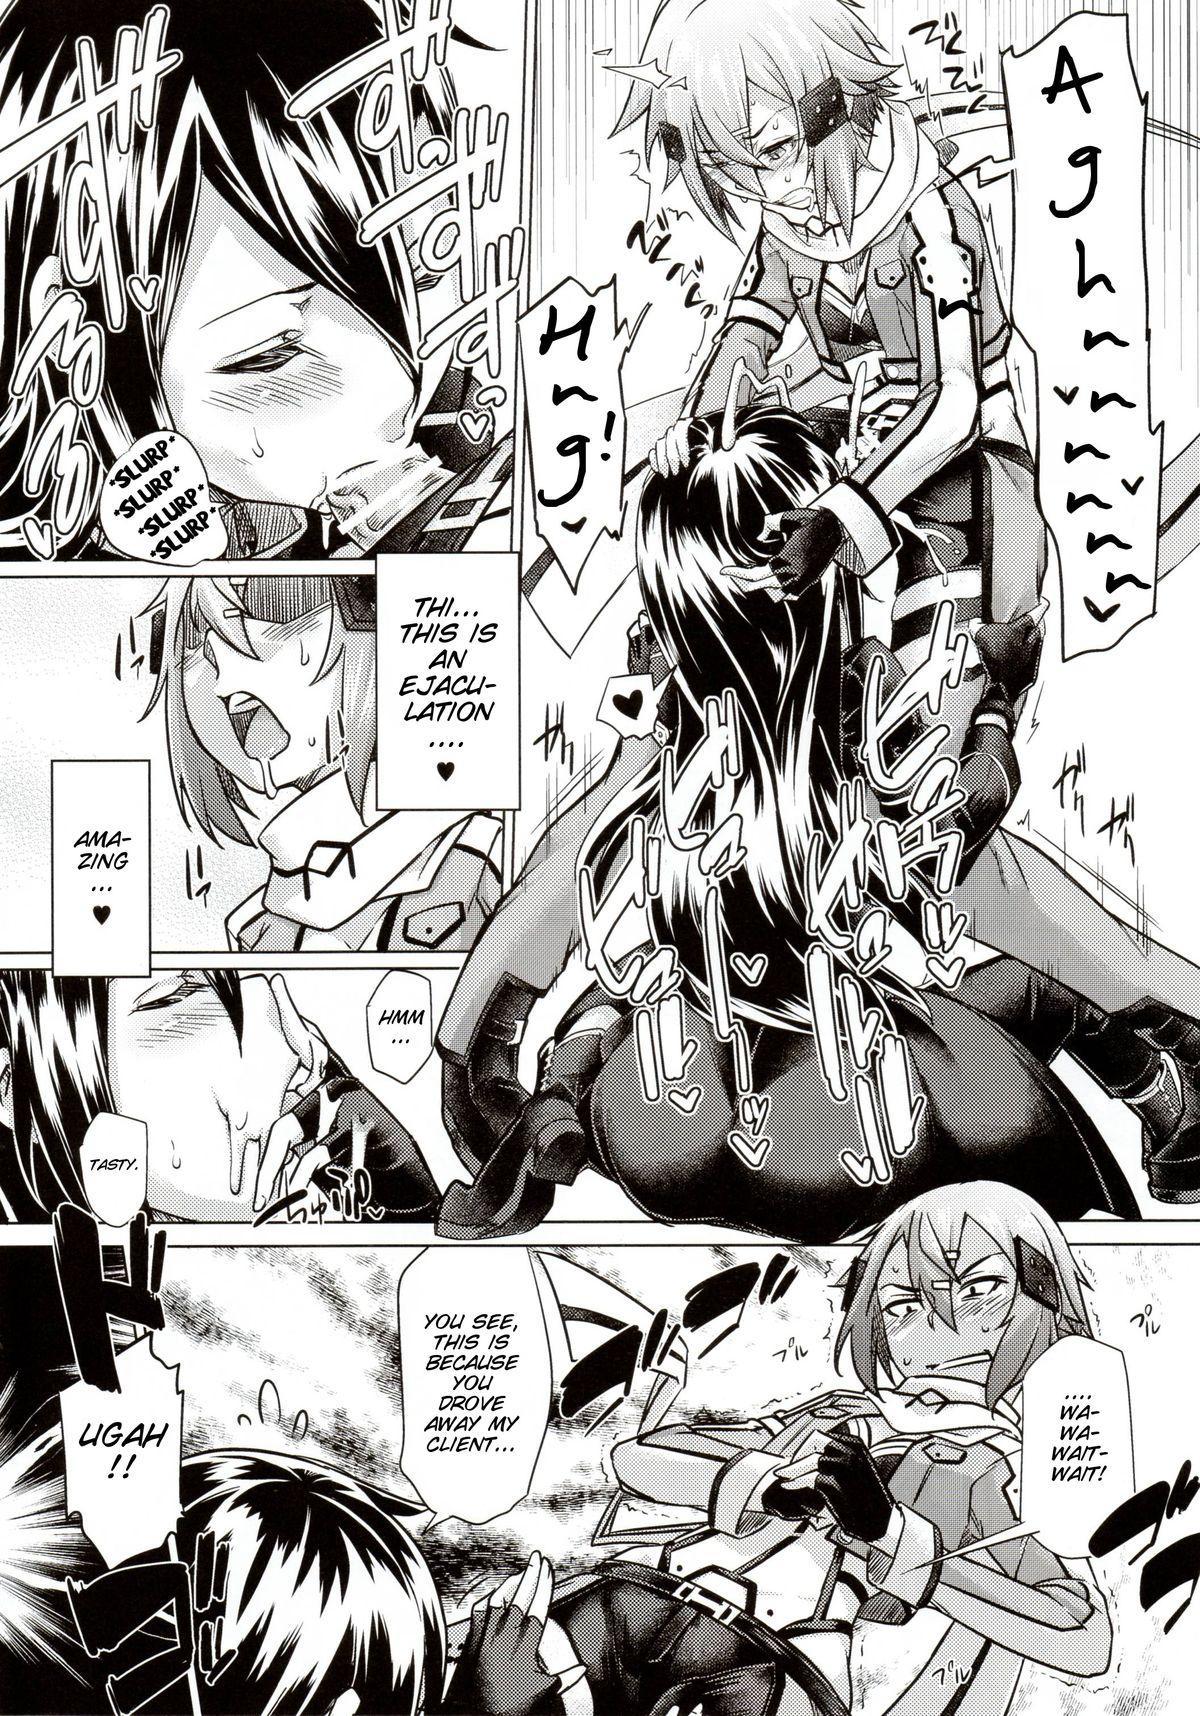 Sogekishu ni Osiri Ijirareru Hon 5